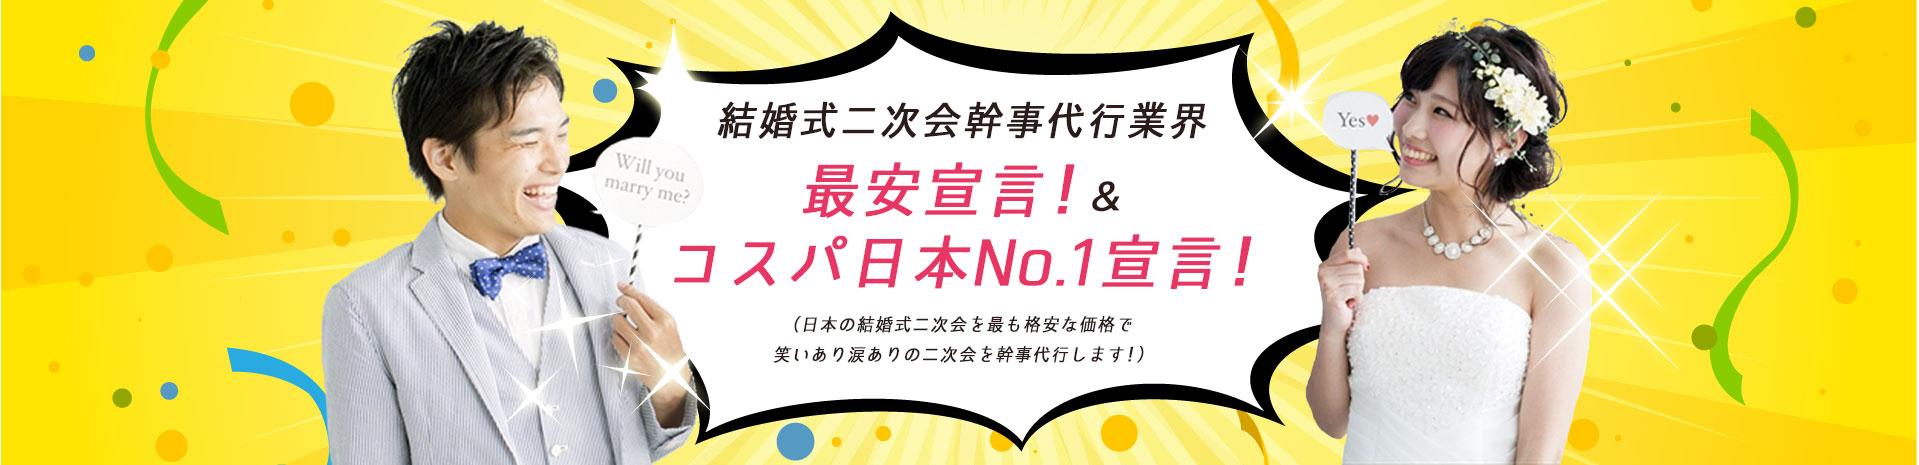 結婚式二次会幹事代行業界最安宣言!&コスパ日本No.1宣言!(日本の結婚式二次会を最も格安な価格で笑いあり涙ありの二次会を幹事代行します!)